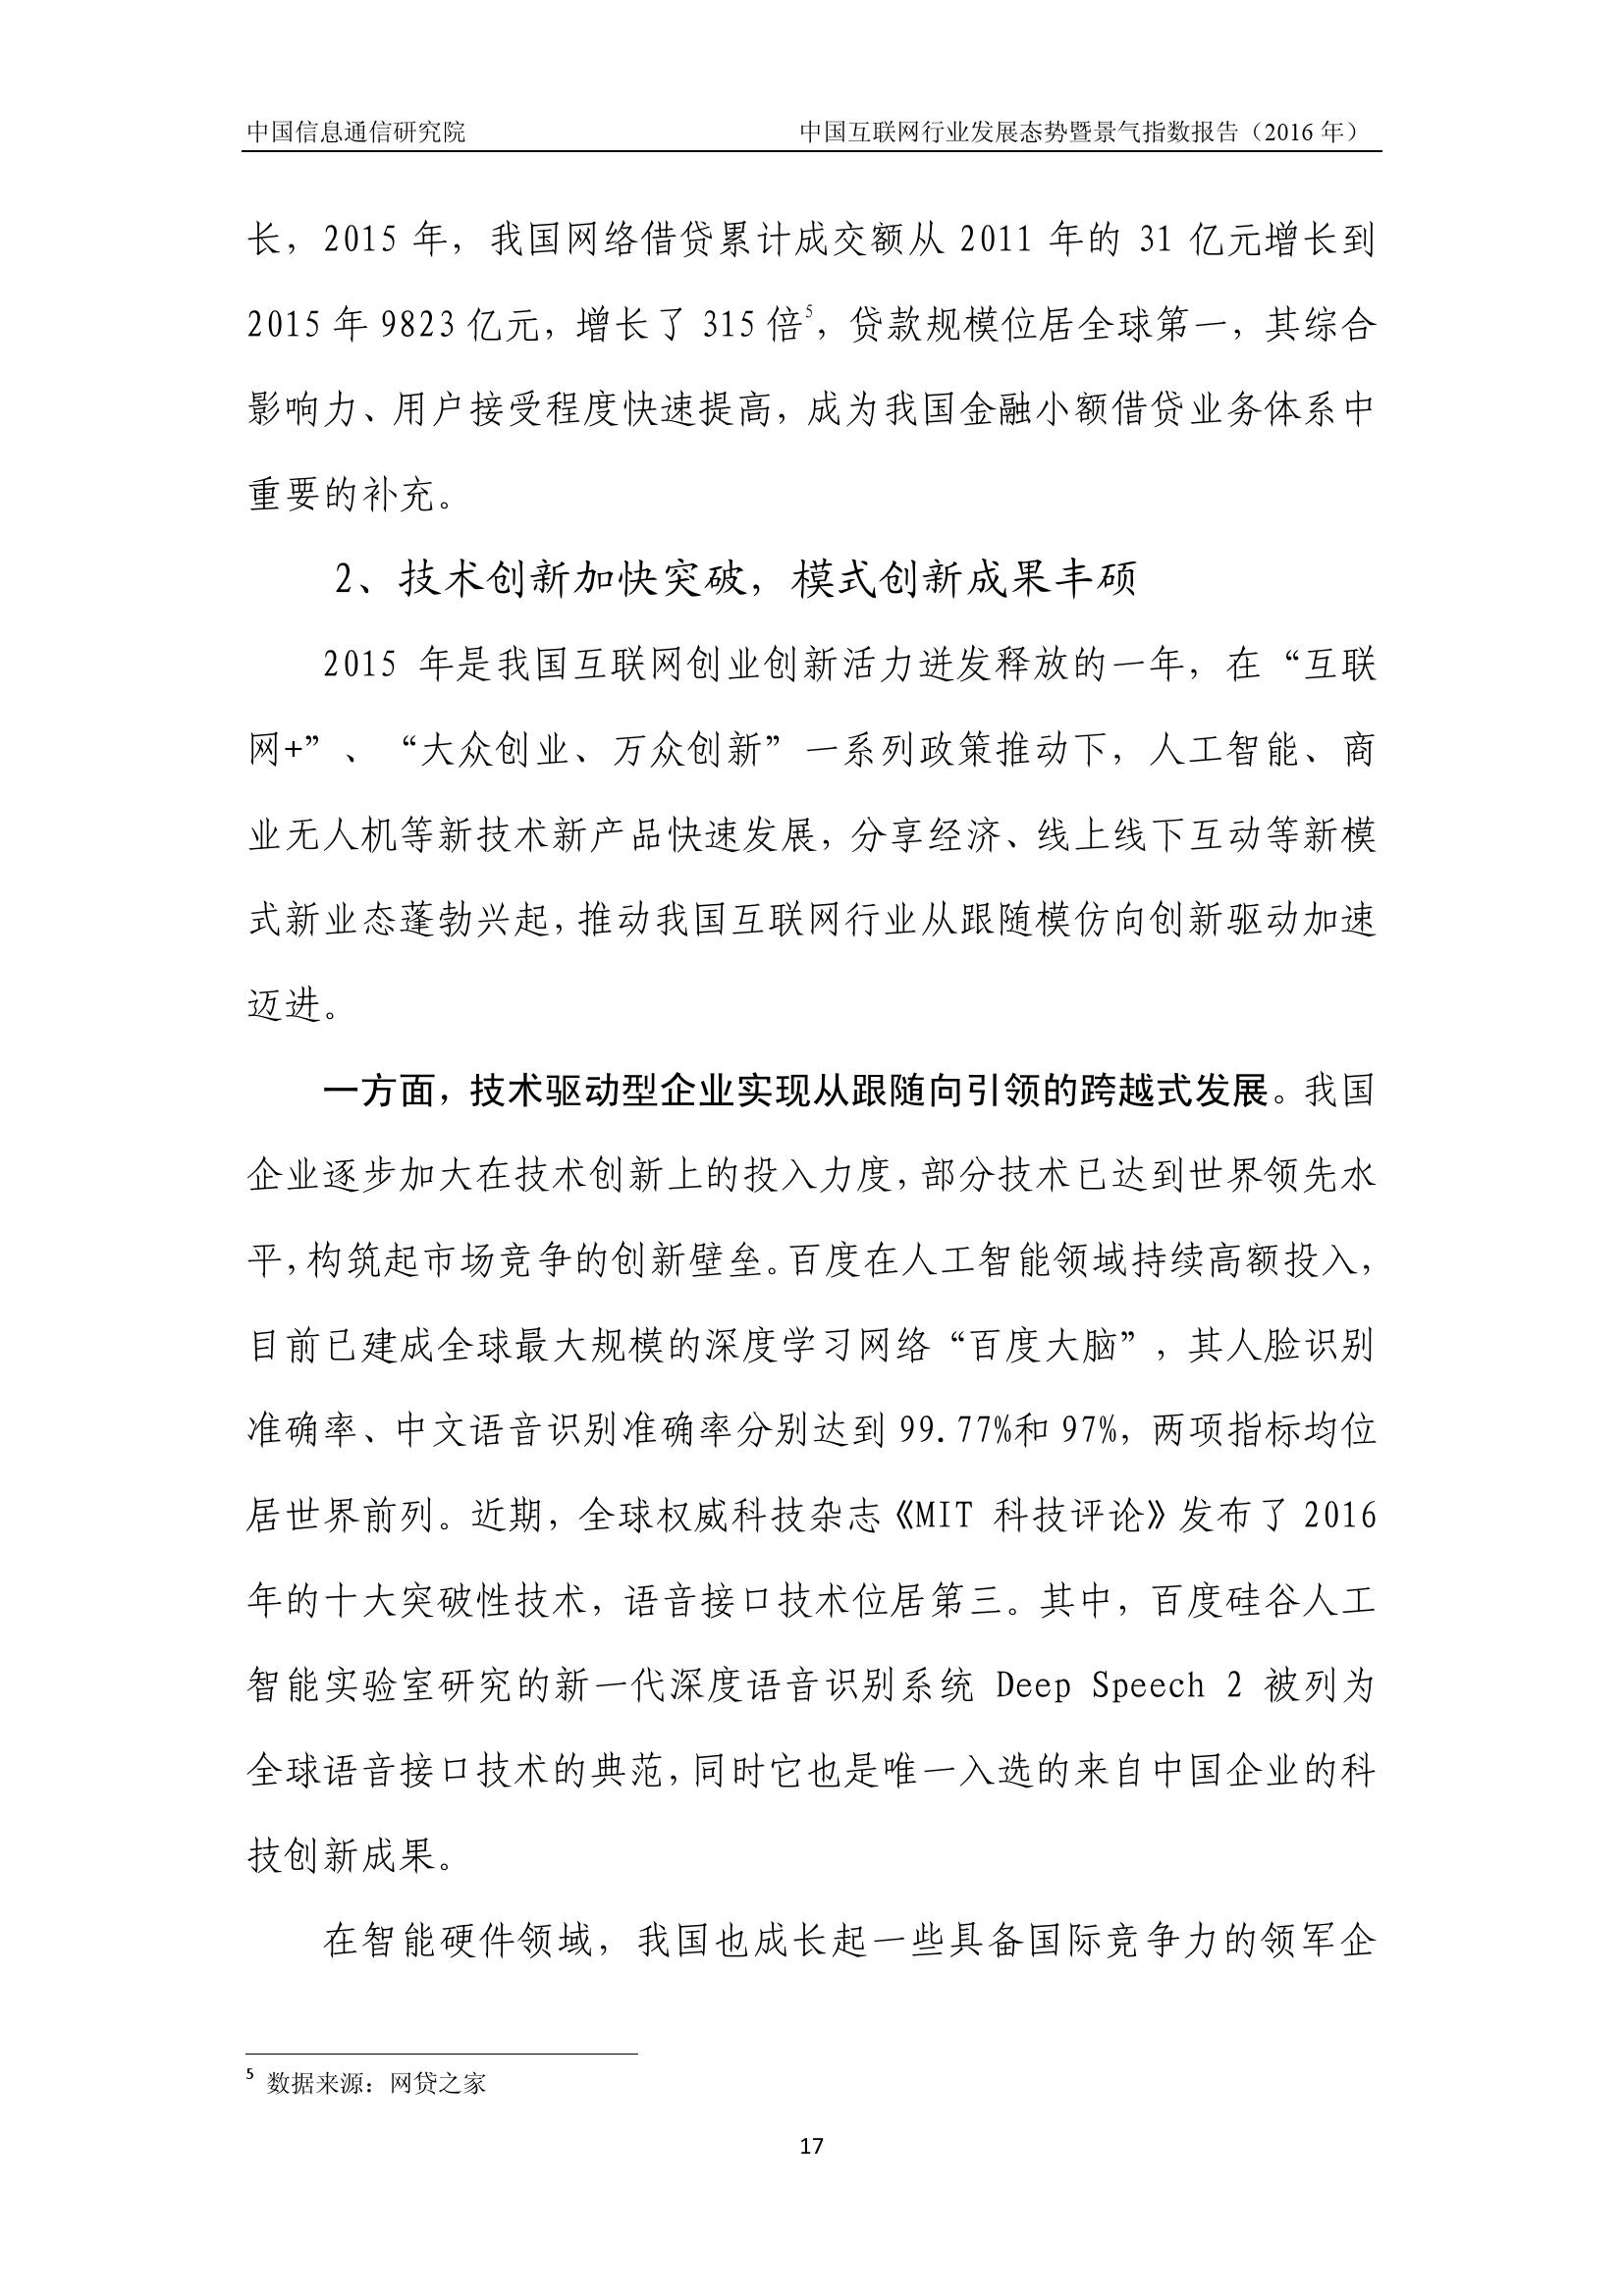 2016年中国互联网行业发展态势暨景气指数报告_000021